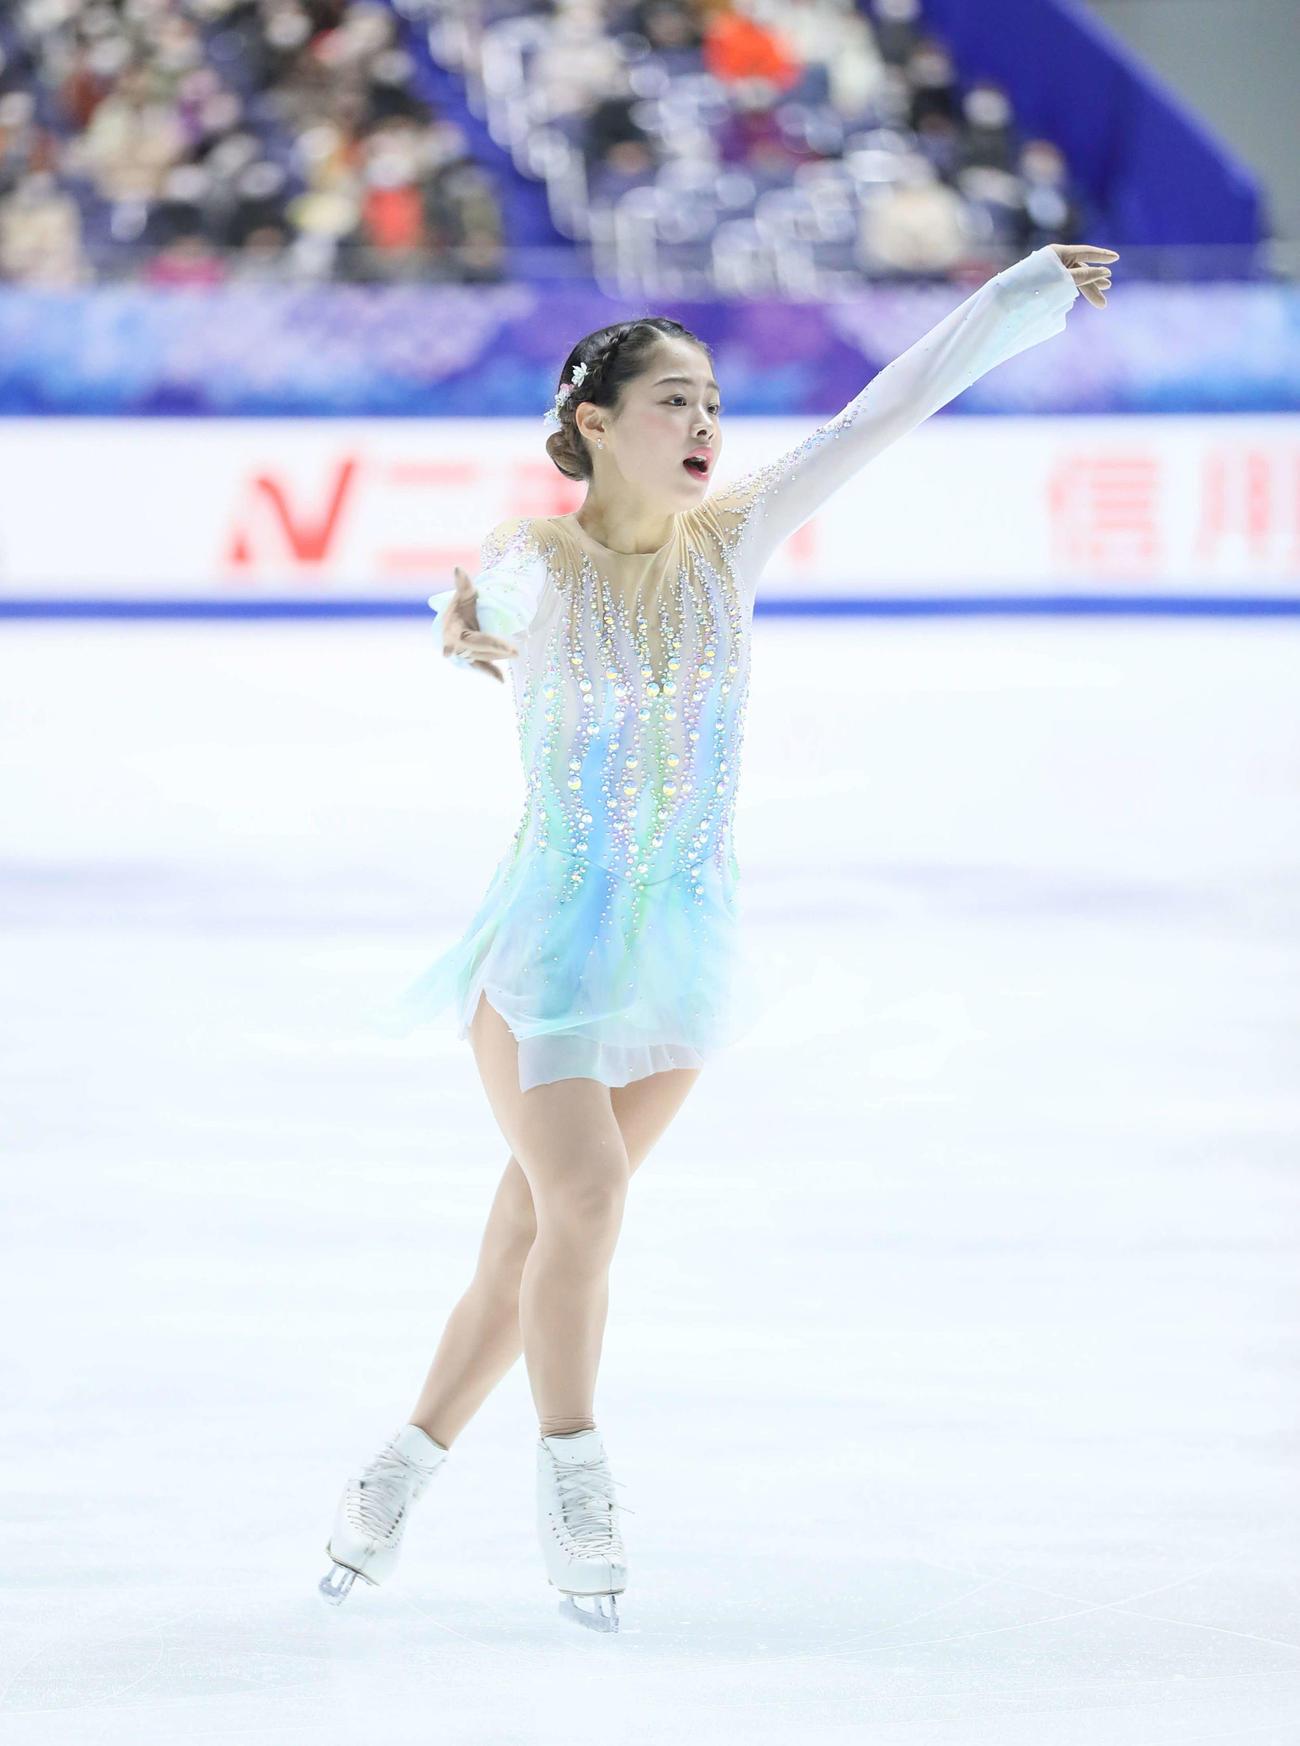 フィギュアスケートNHK杯女子ショートプログラム 演技をする横井ゆは菜(代表撮影)